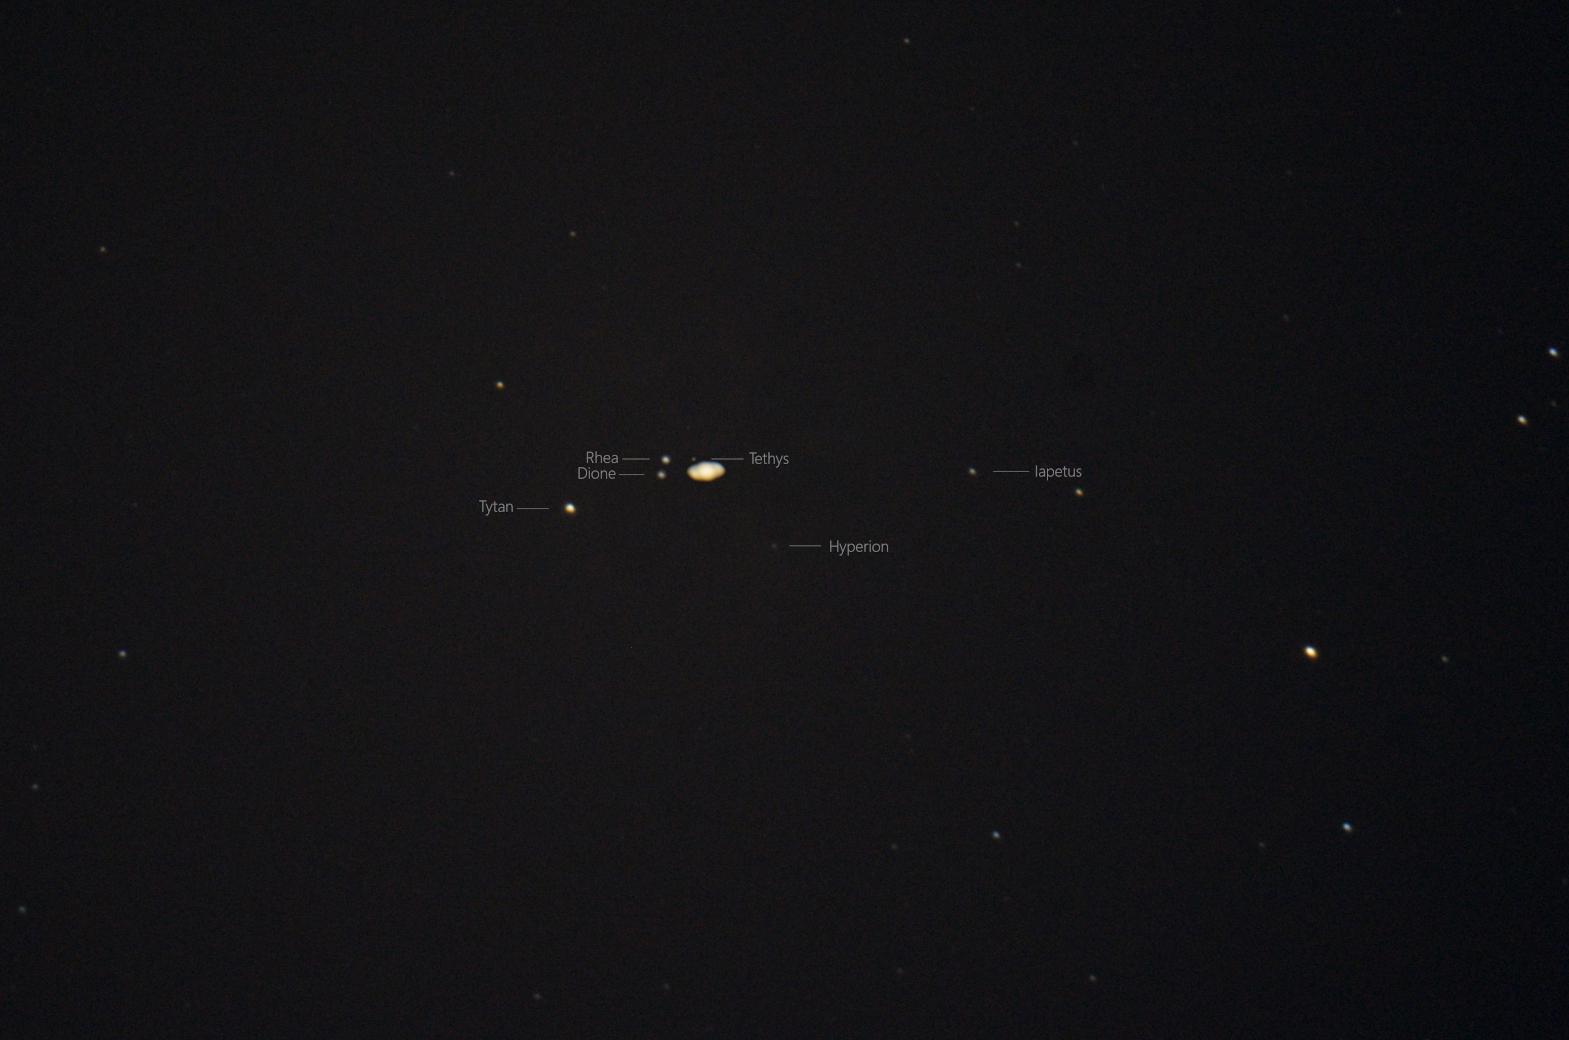 Saturn_ksiezyce_2021_09_08_opis.jpg